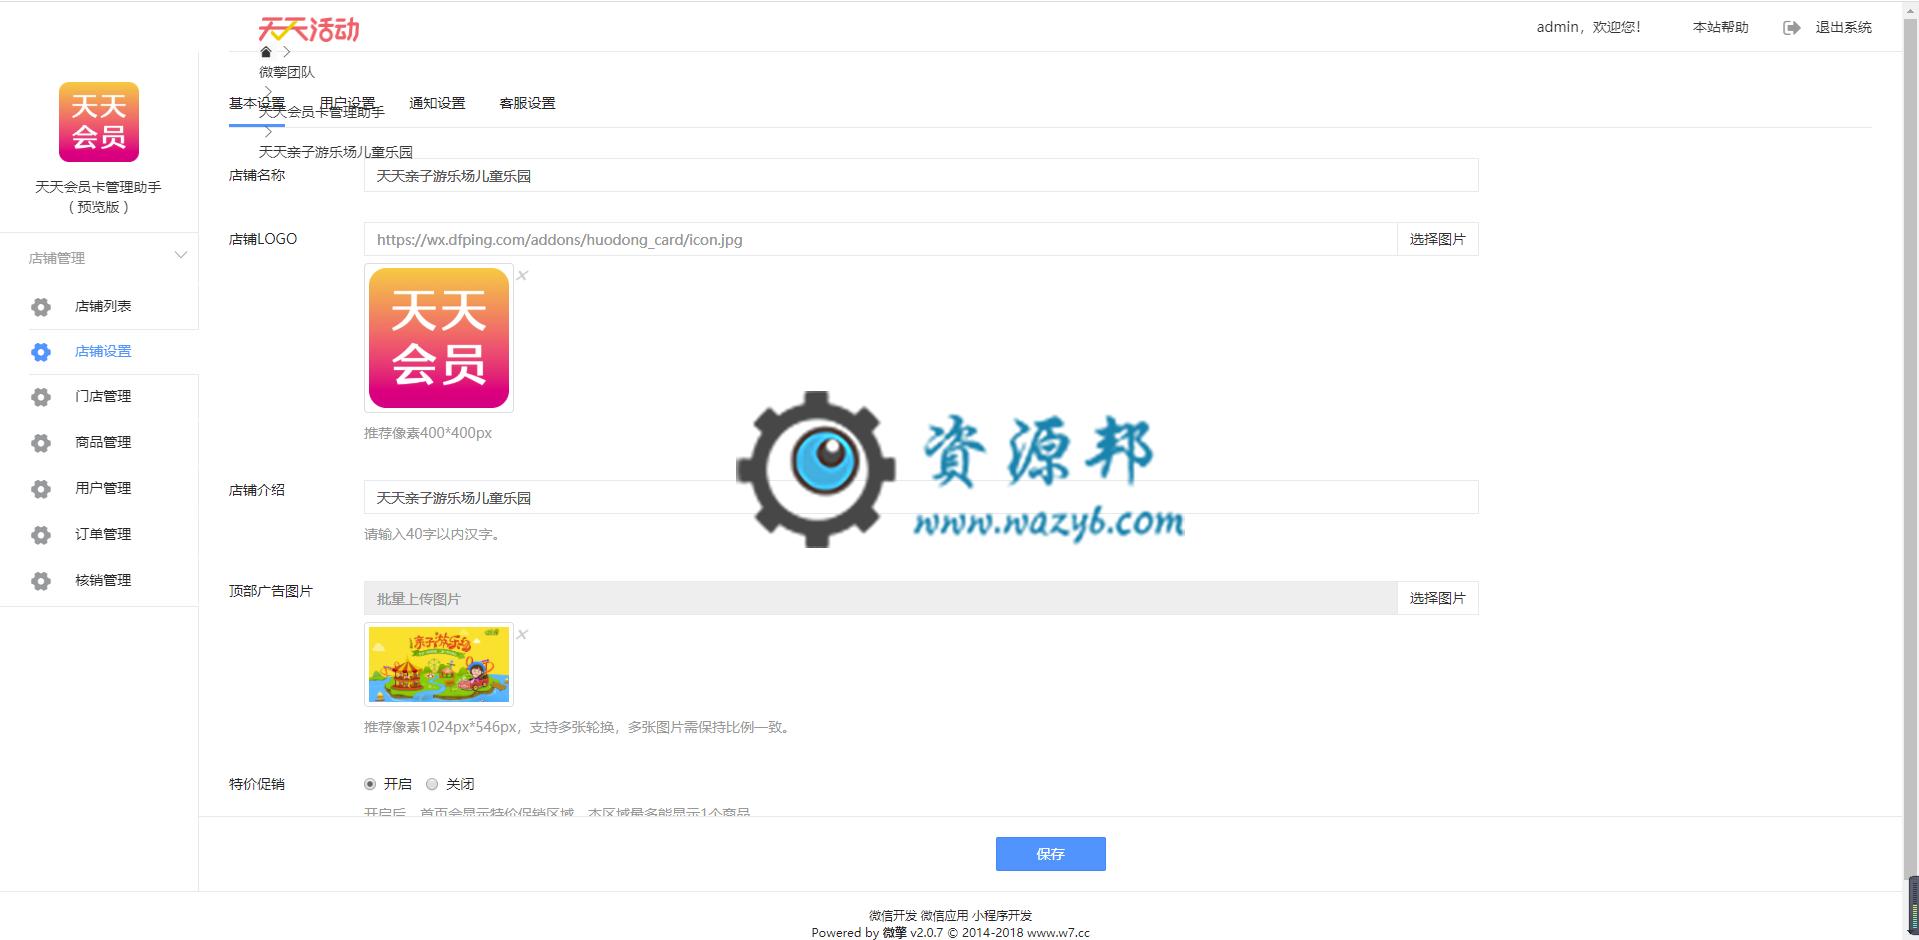 【公众号应用】天天会员卡管理助手V1.0.2,增加商品展示优先级 公众号应用 第3张